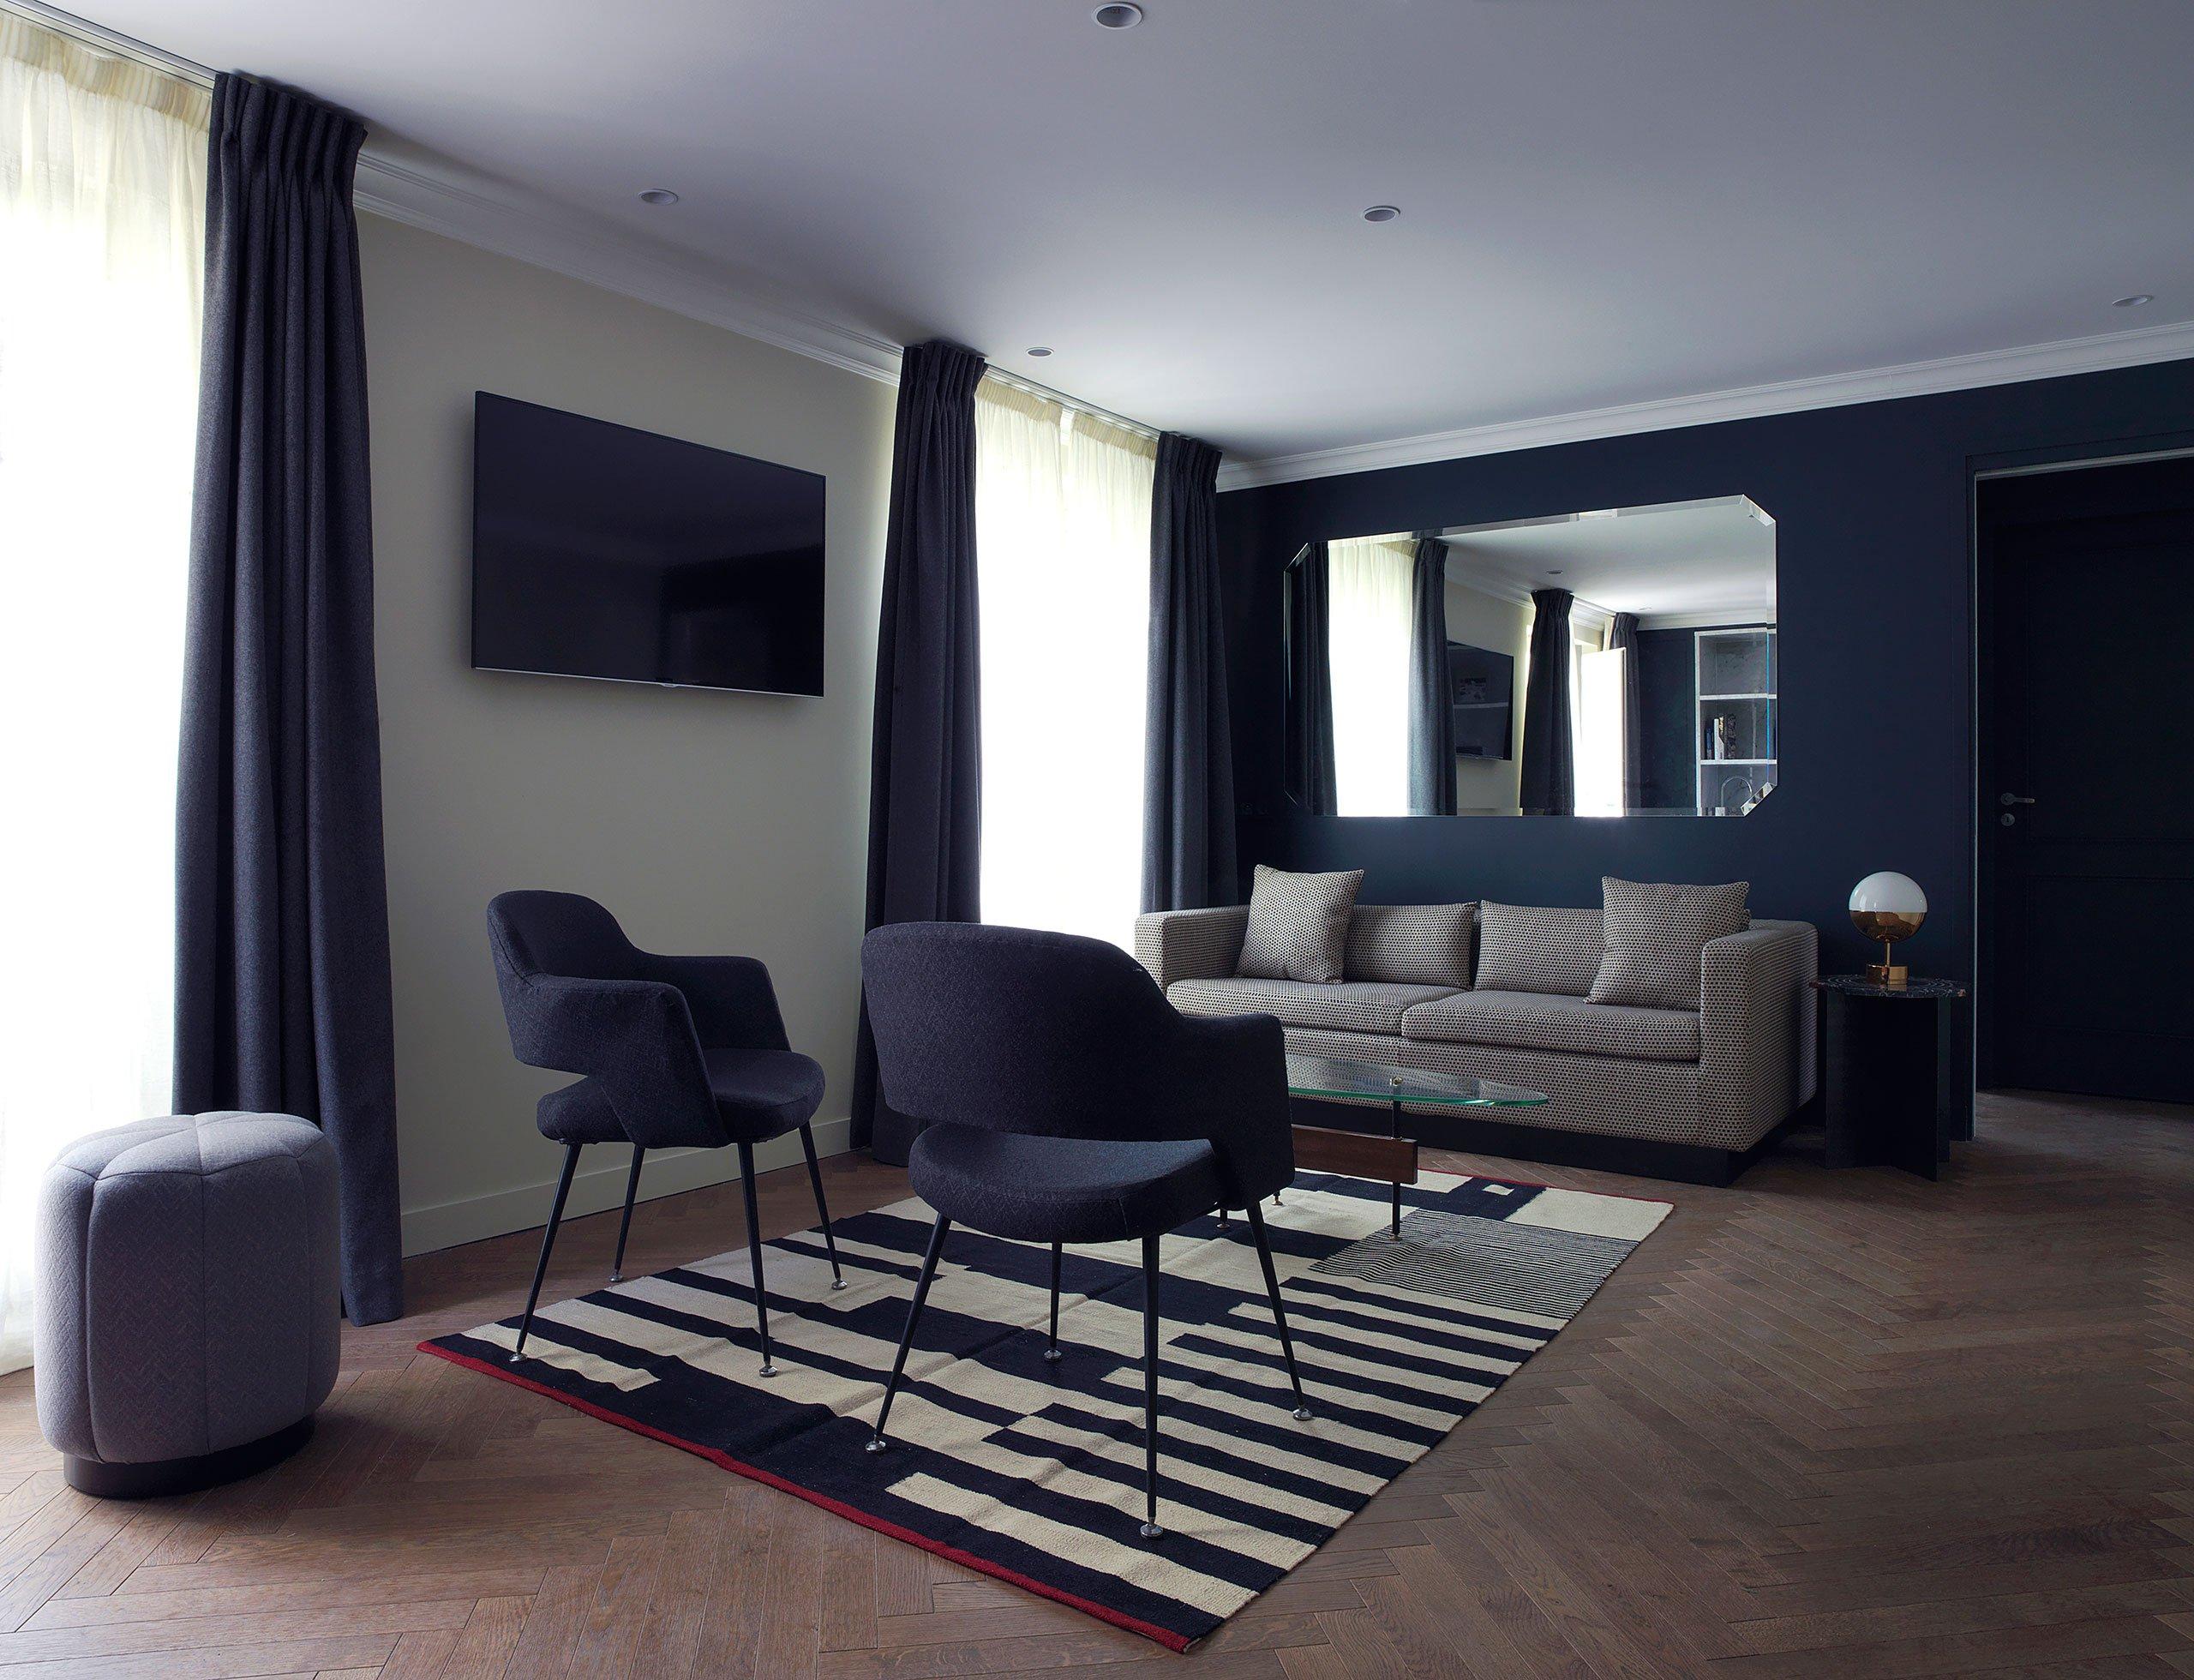 p4_hotel_bachaumont_paris_photo_paul_bowyer_yatzer